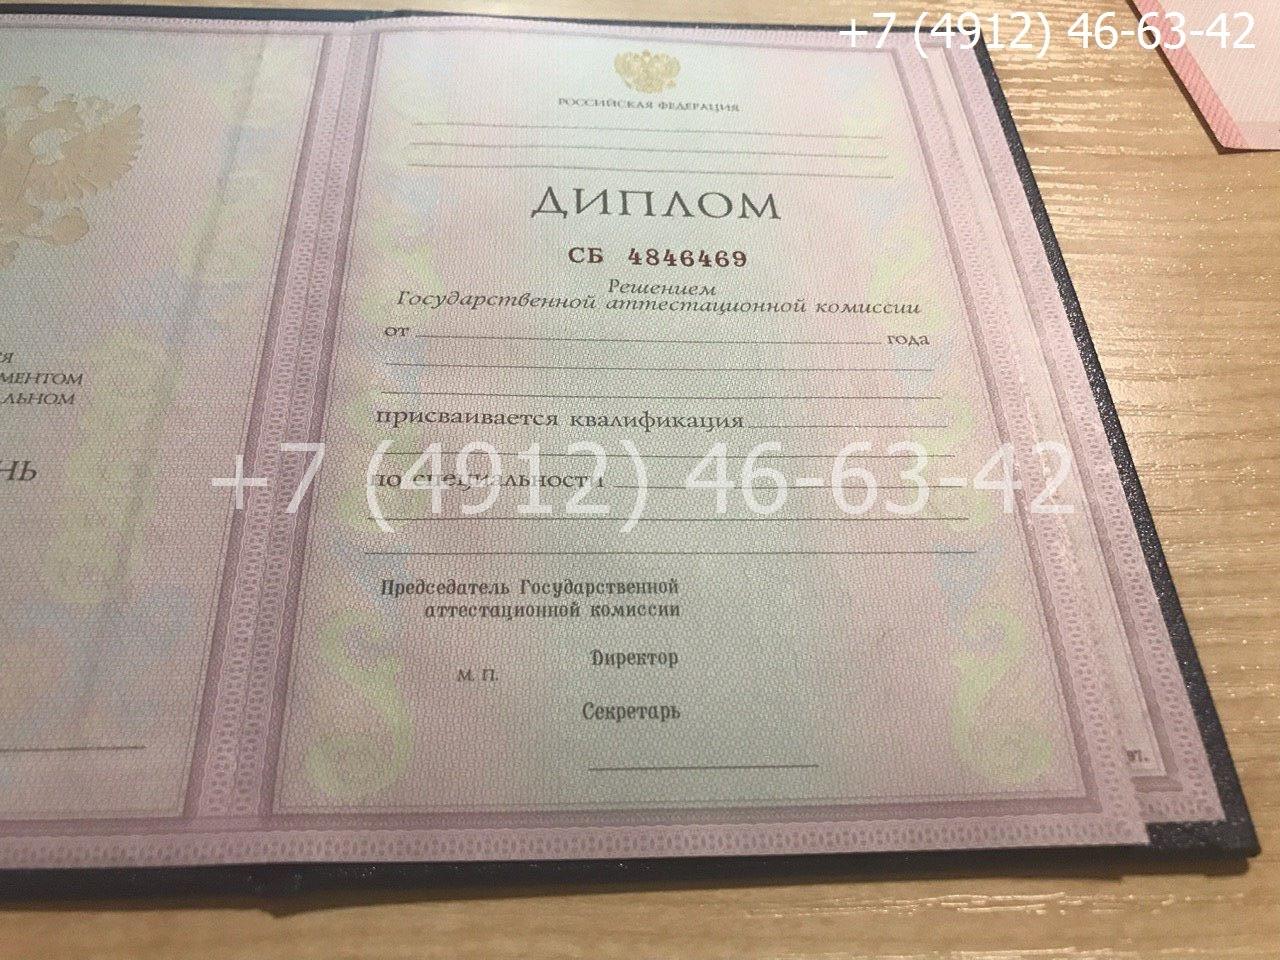 Диплом колледжа 1997-2003 годов, образец, титульный лист-1